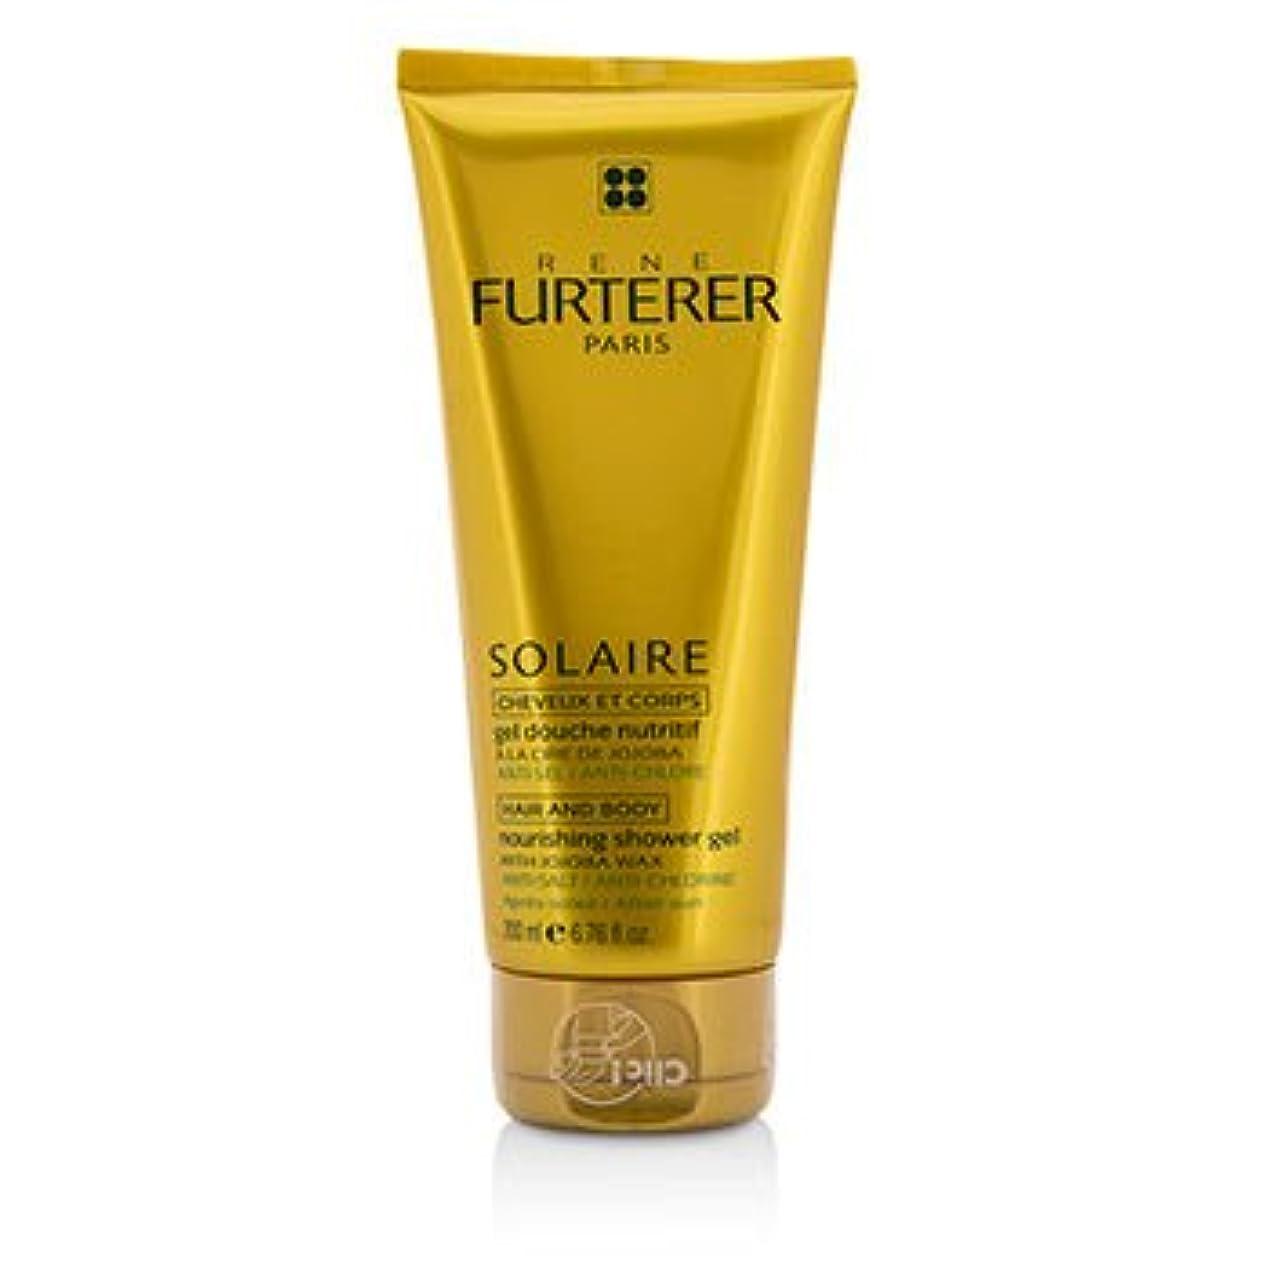 起こりやすい解読するティーム[Rene Furterer] Solaire Nourishing Shower Gel with Jojoba Wax (Hair and Body) 200ml/6.76oz